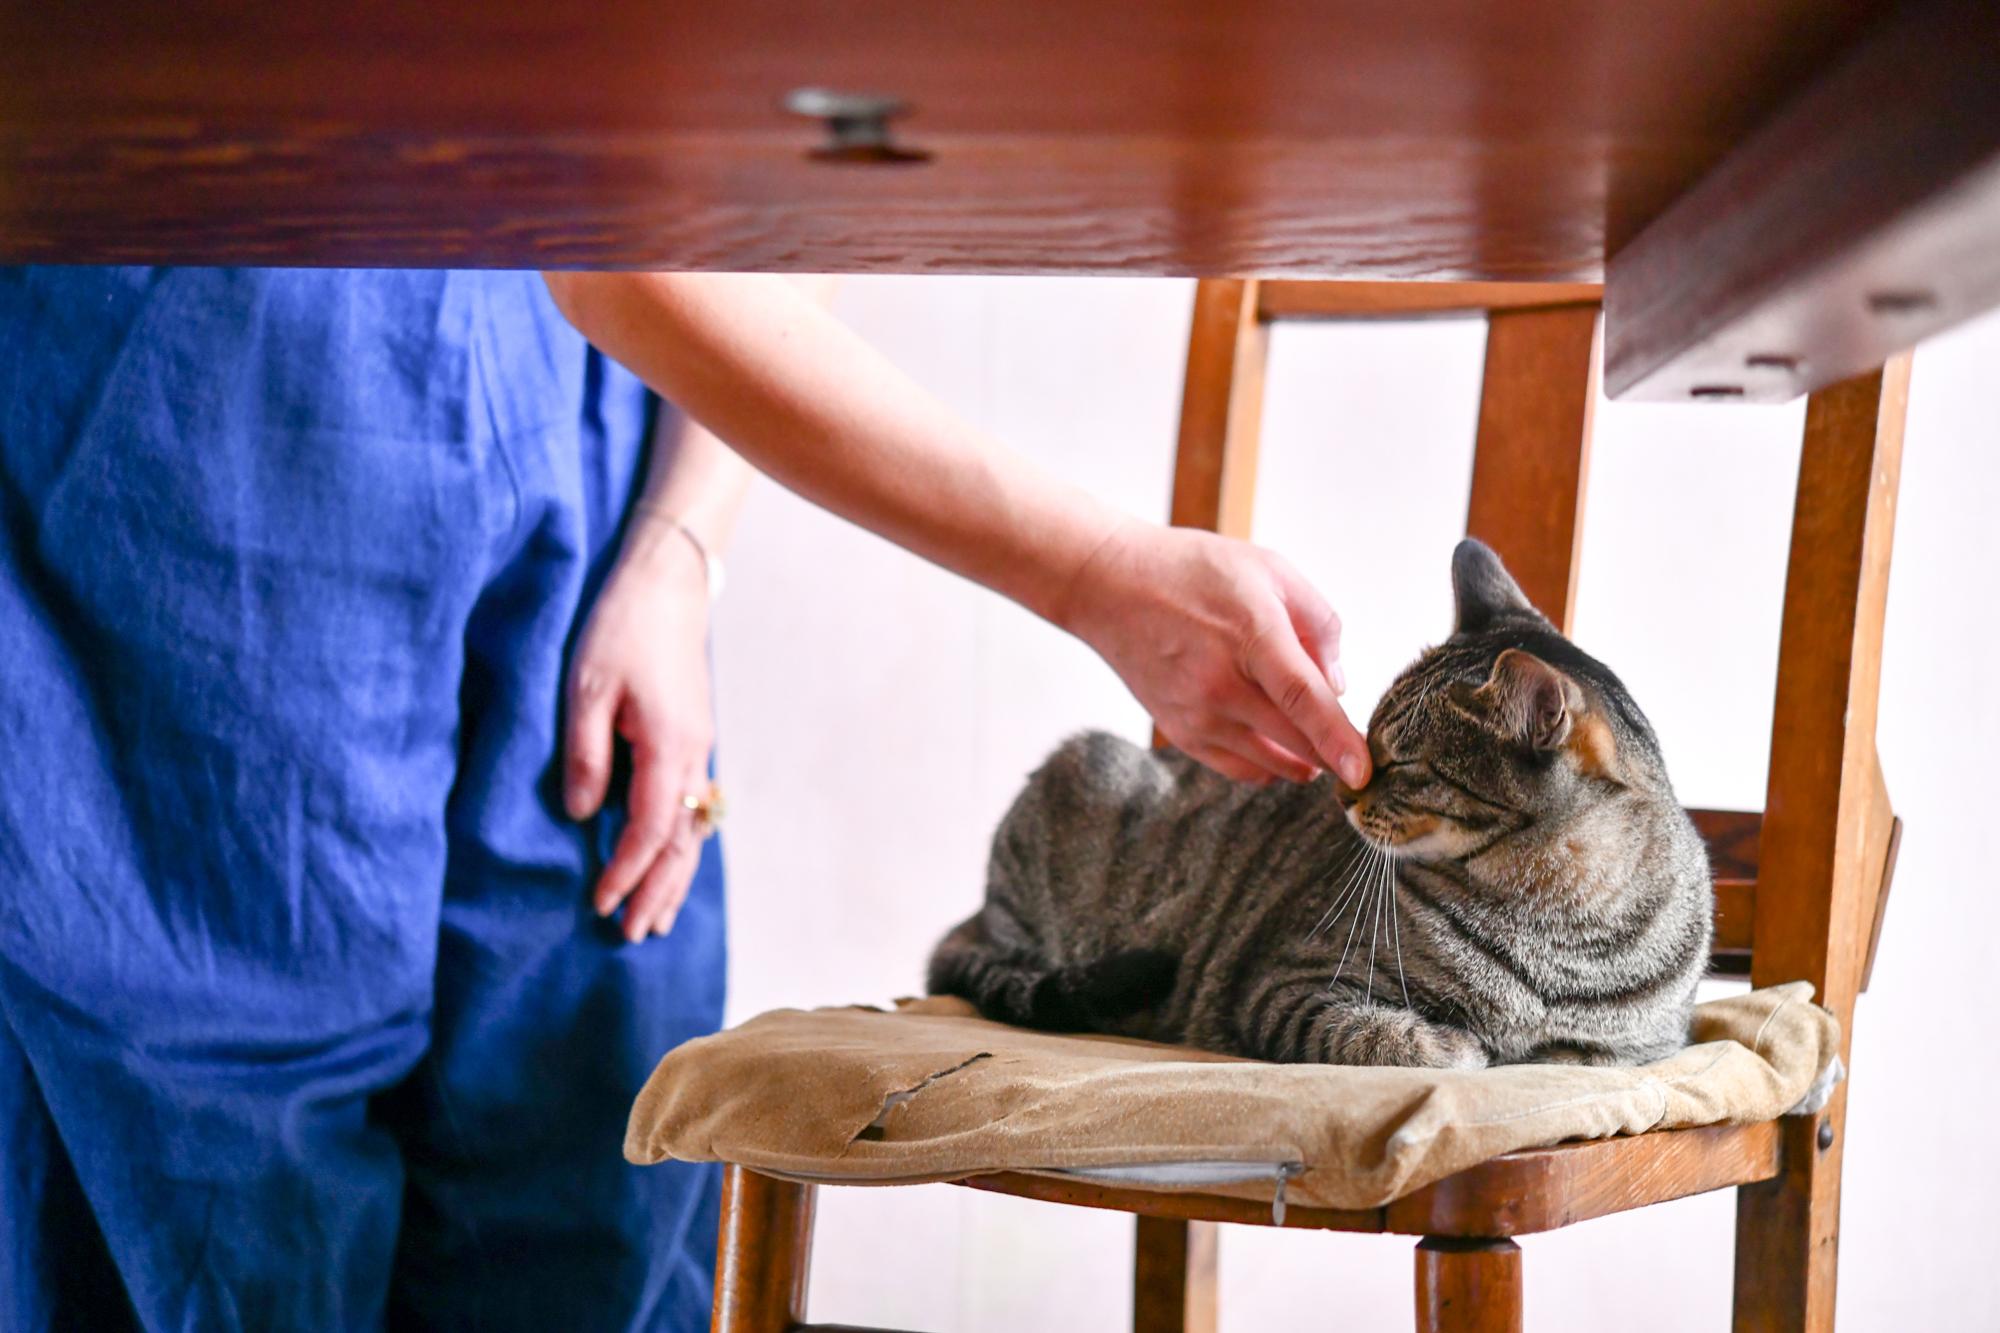 料理家・坂田阿希子さんの愛猫が椅子の上でくつろぐ様子